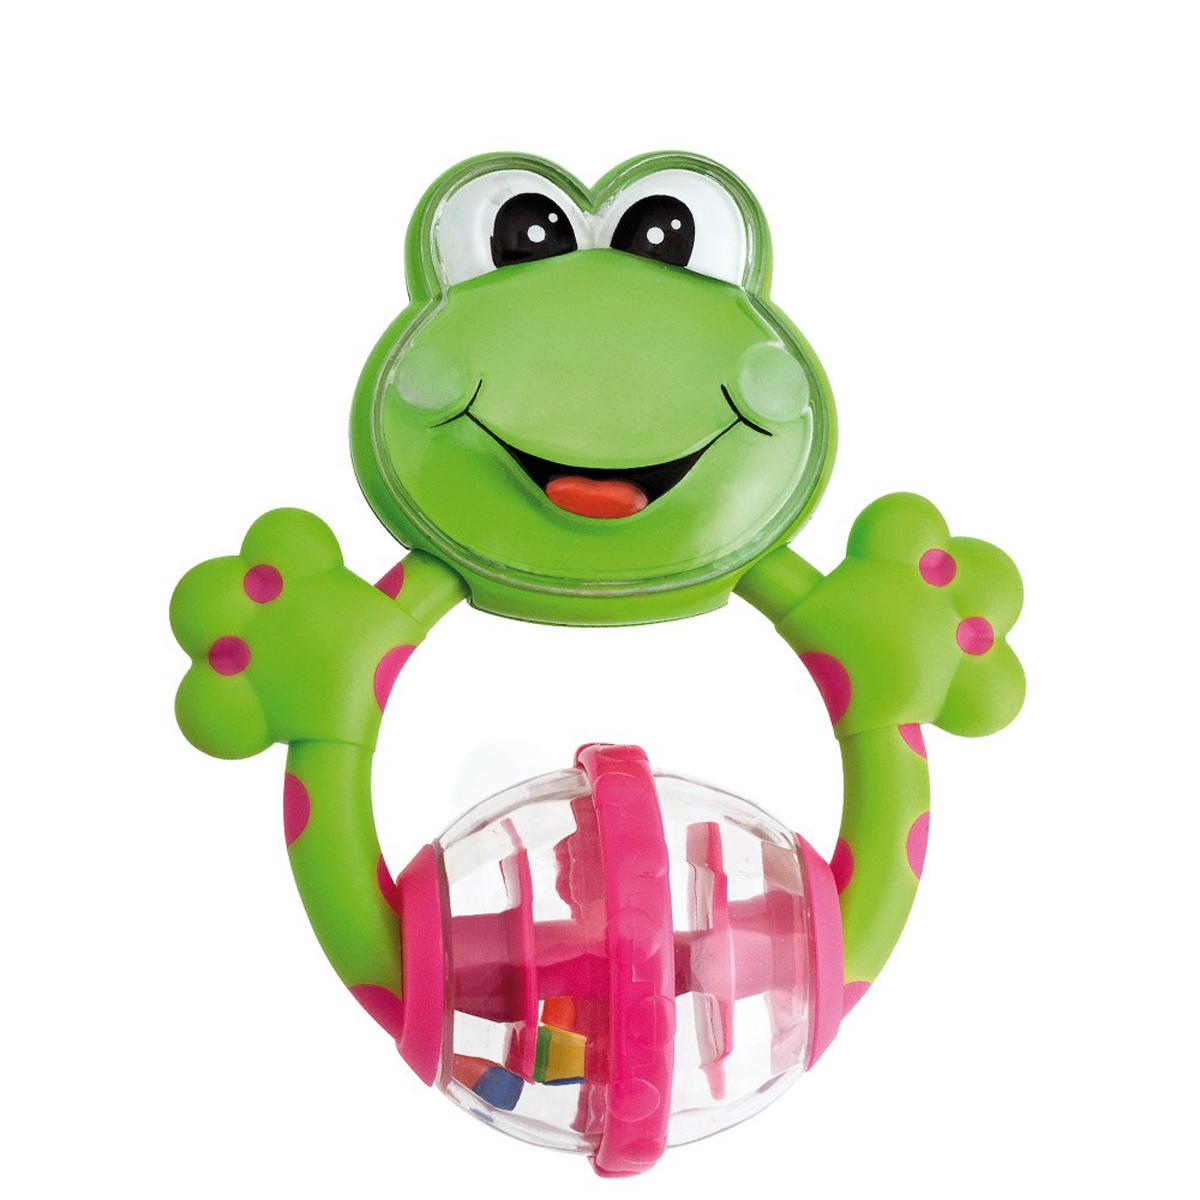 """Яркая игрушка-погремушка """"Лягушка"""" не оставит Вашего малыша равнодушным и не позволит ему скучать! Игрушка представляет собой лягушонка, в животе которого расположен вращающийся пластмассовый прозрачный шар с разноцветными шариками внутри, выполняющими роль погремушки. Яркие цвета игрушки и различные поверхности материалов направлены на развитие мыслительной деятельности, цветовосприятия, тактильных ощущений и мелкой моторики рук ребенка, а элемент погремушки способствует развитию слуха."""